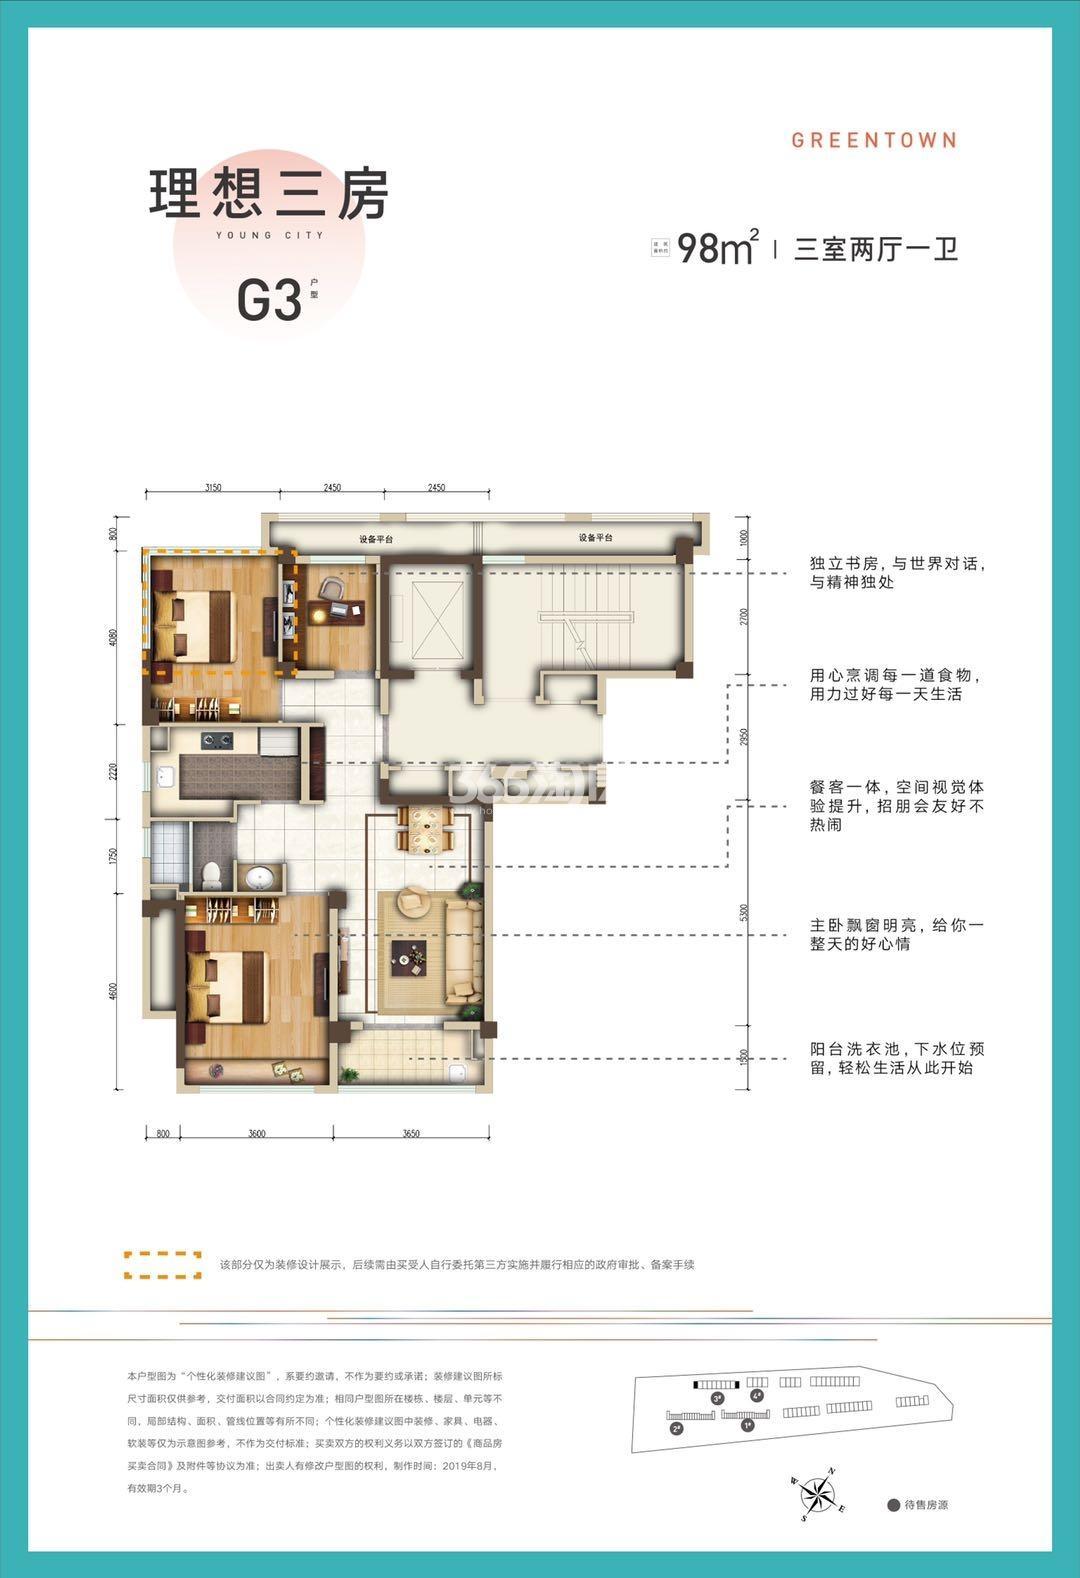 地铁绿城杨柳郡四期G3户型约98㎡(3#边套)